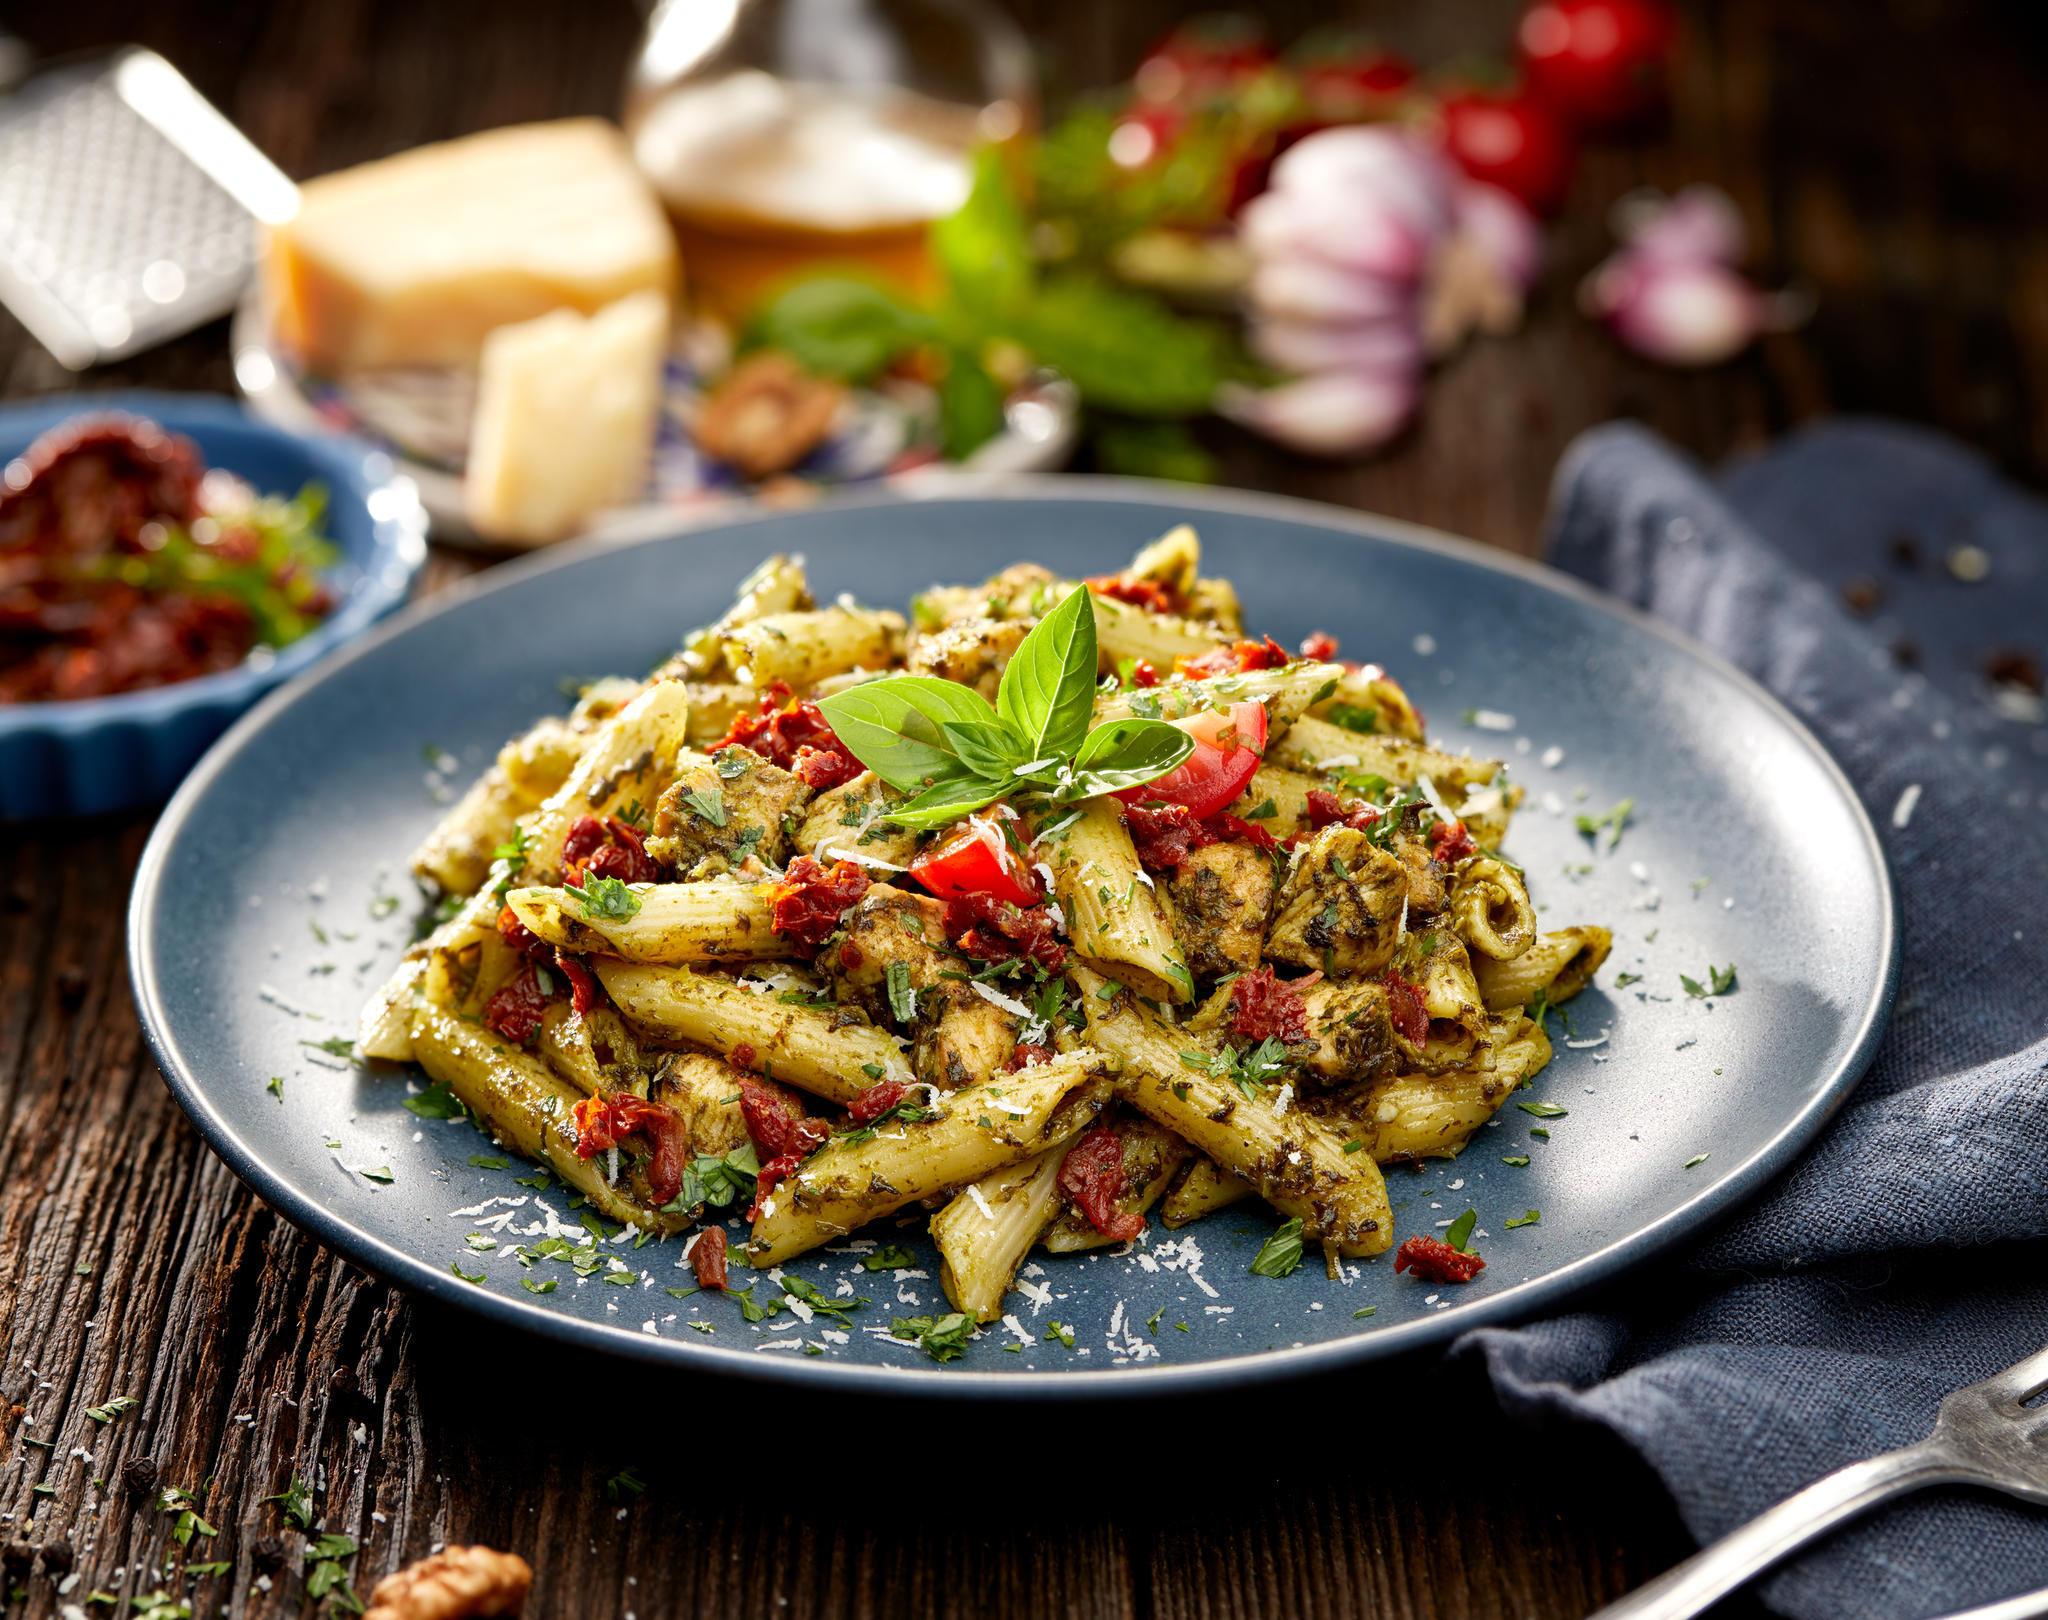 Stunning Chefkoch Schnelle Küche Ideas - Thehammondreport.com ...